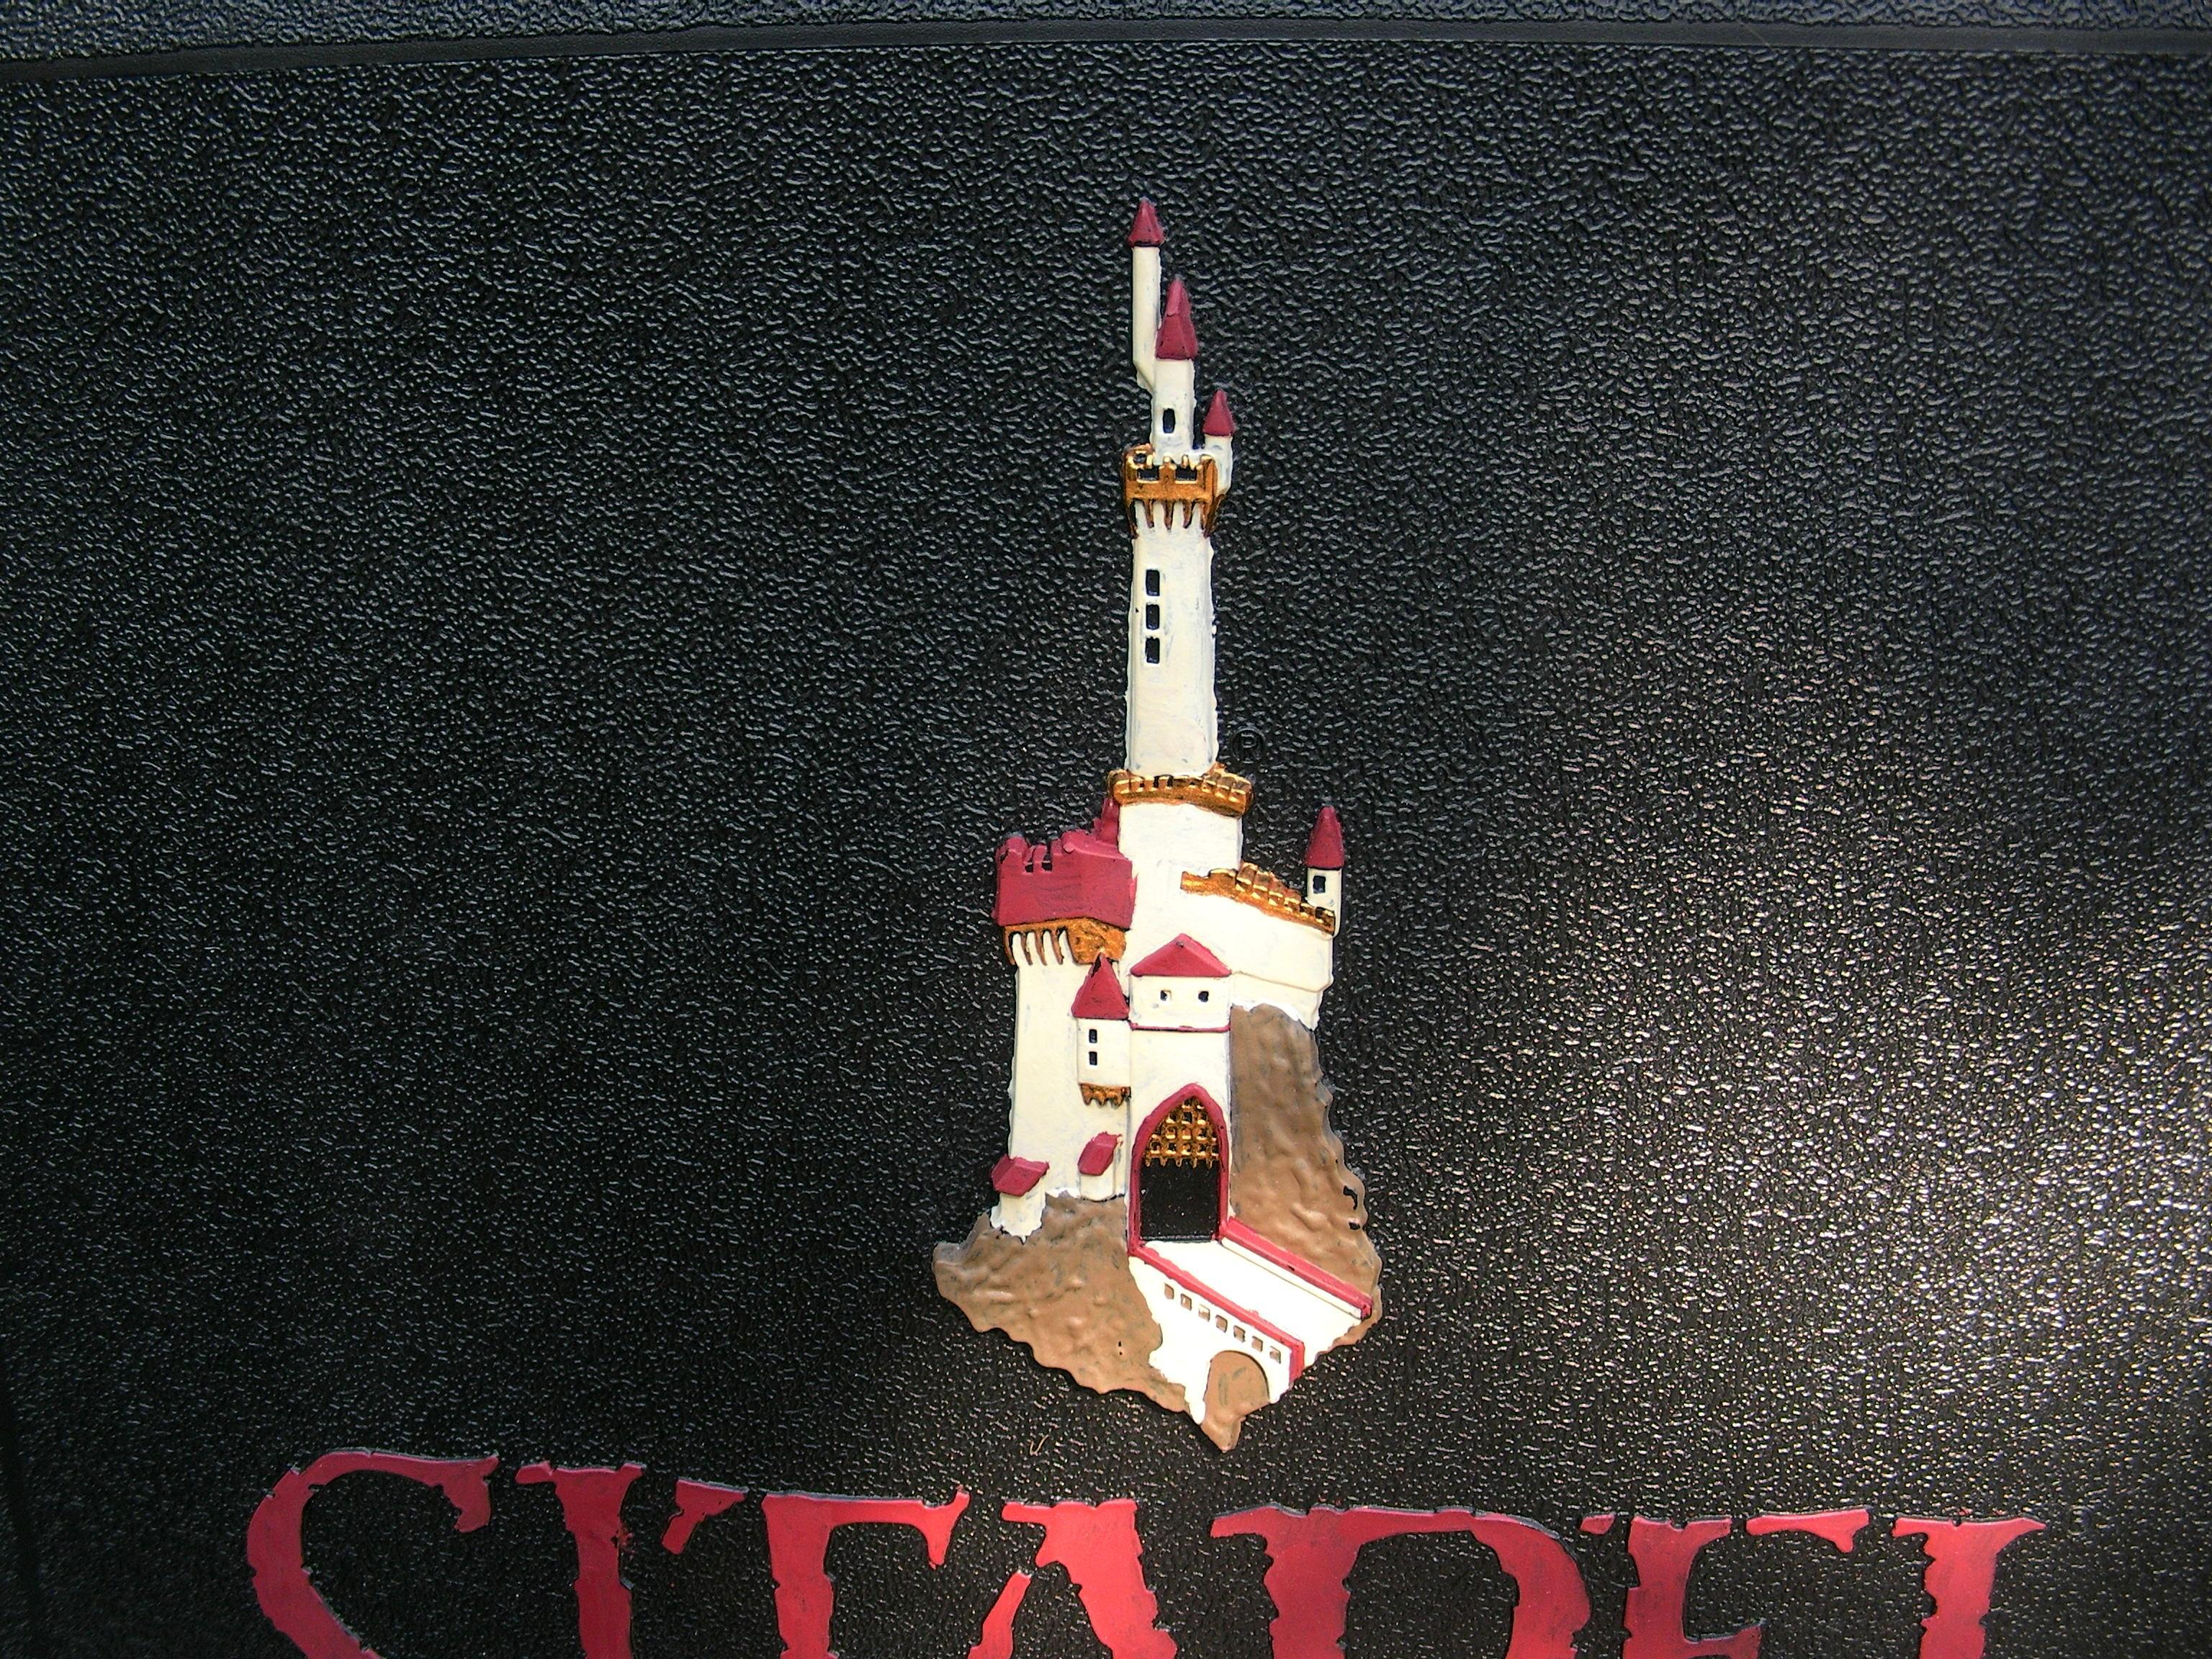 Citadel Logo, Close up of last